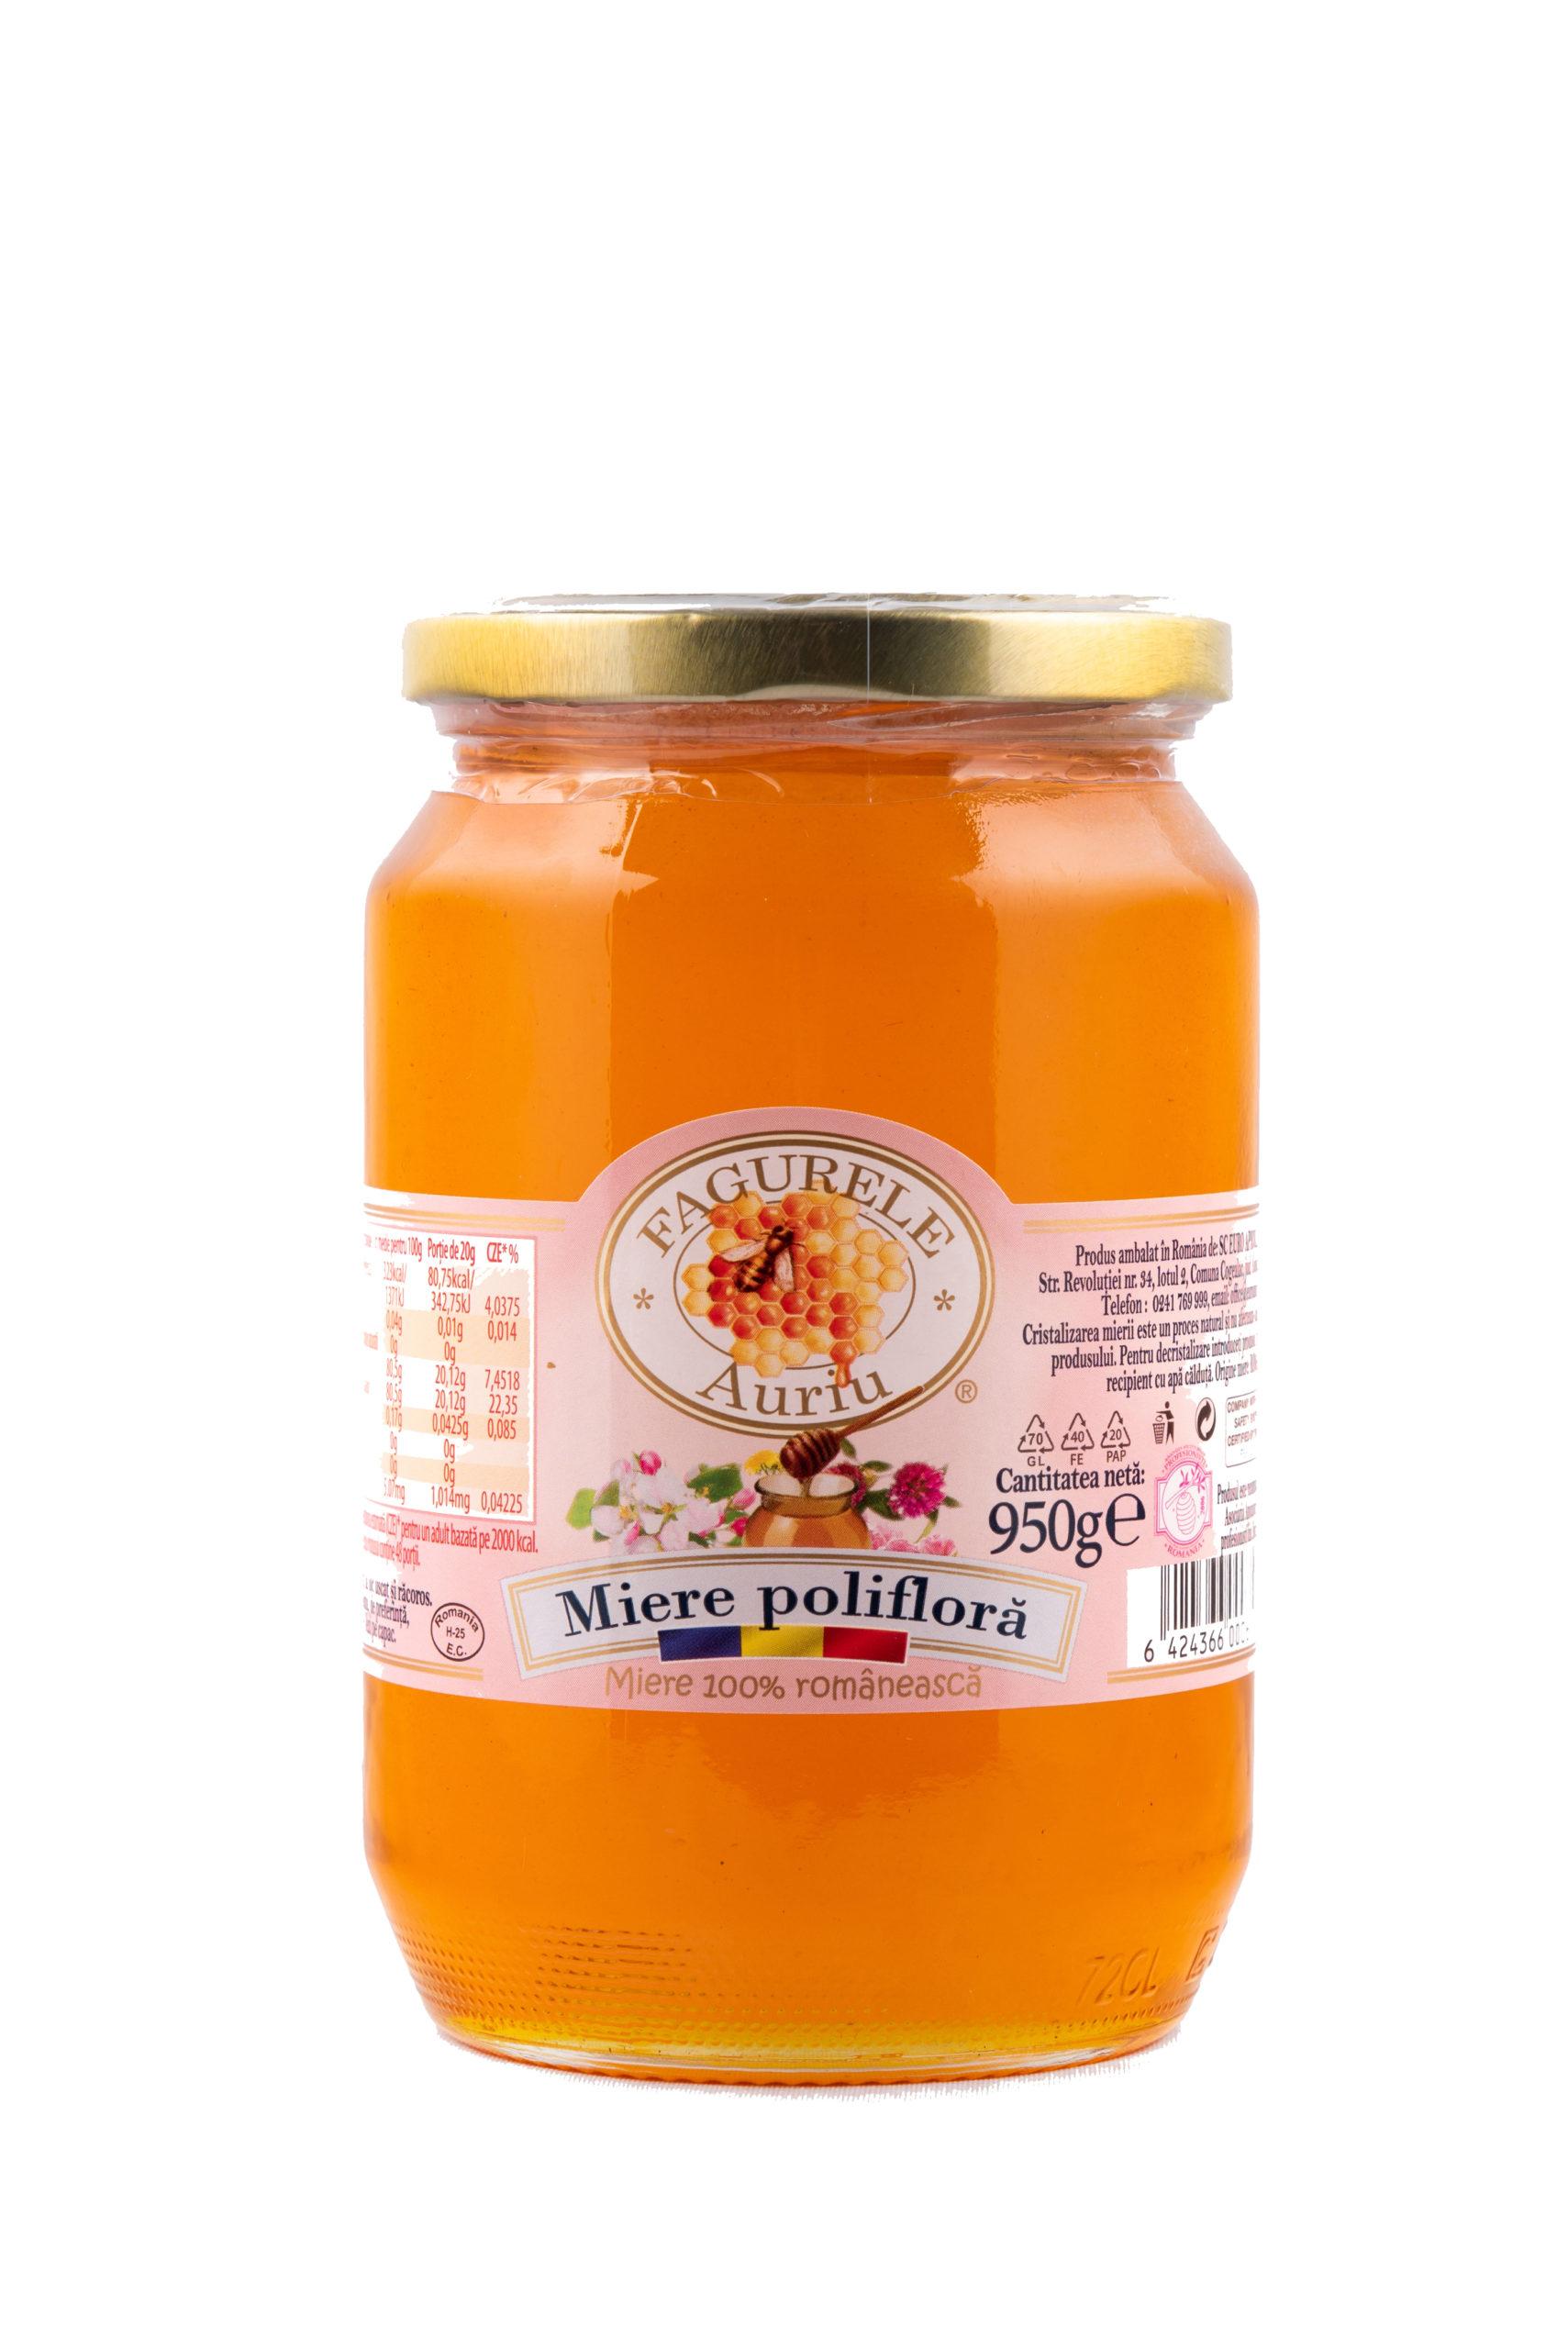 Miere poliflora Fagurele Auriu 950 g este recomandată în special copiilor și vârstnicilor, având o mulțime de efecte benefice sănătății.